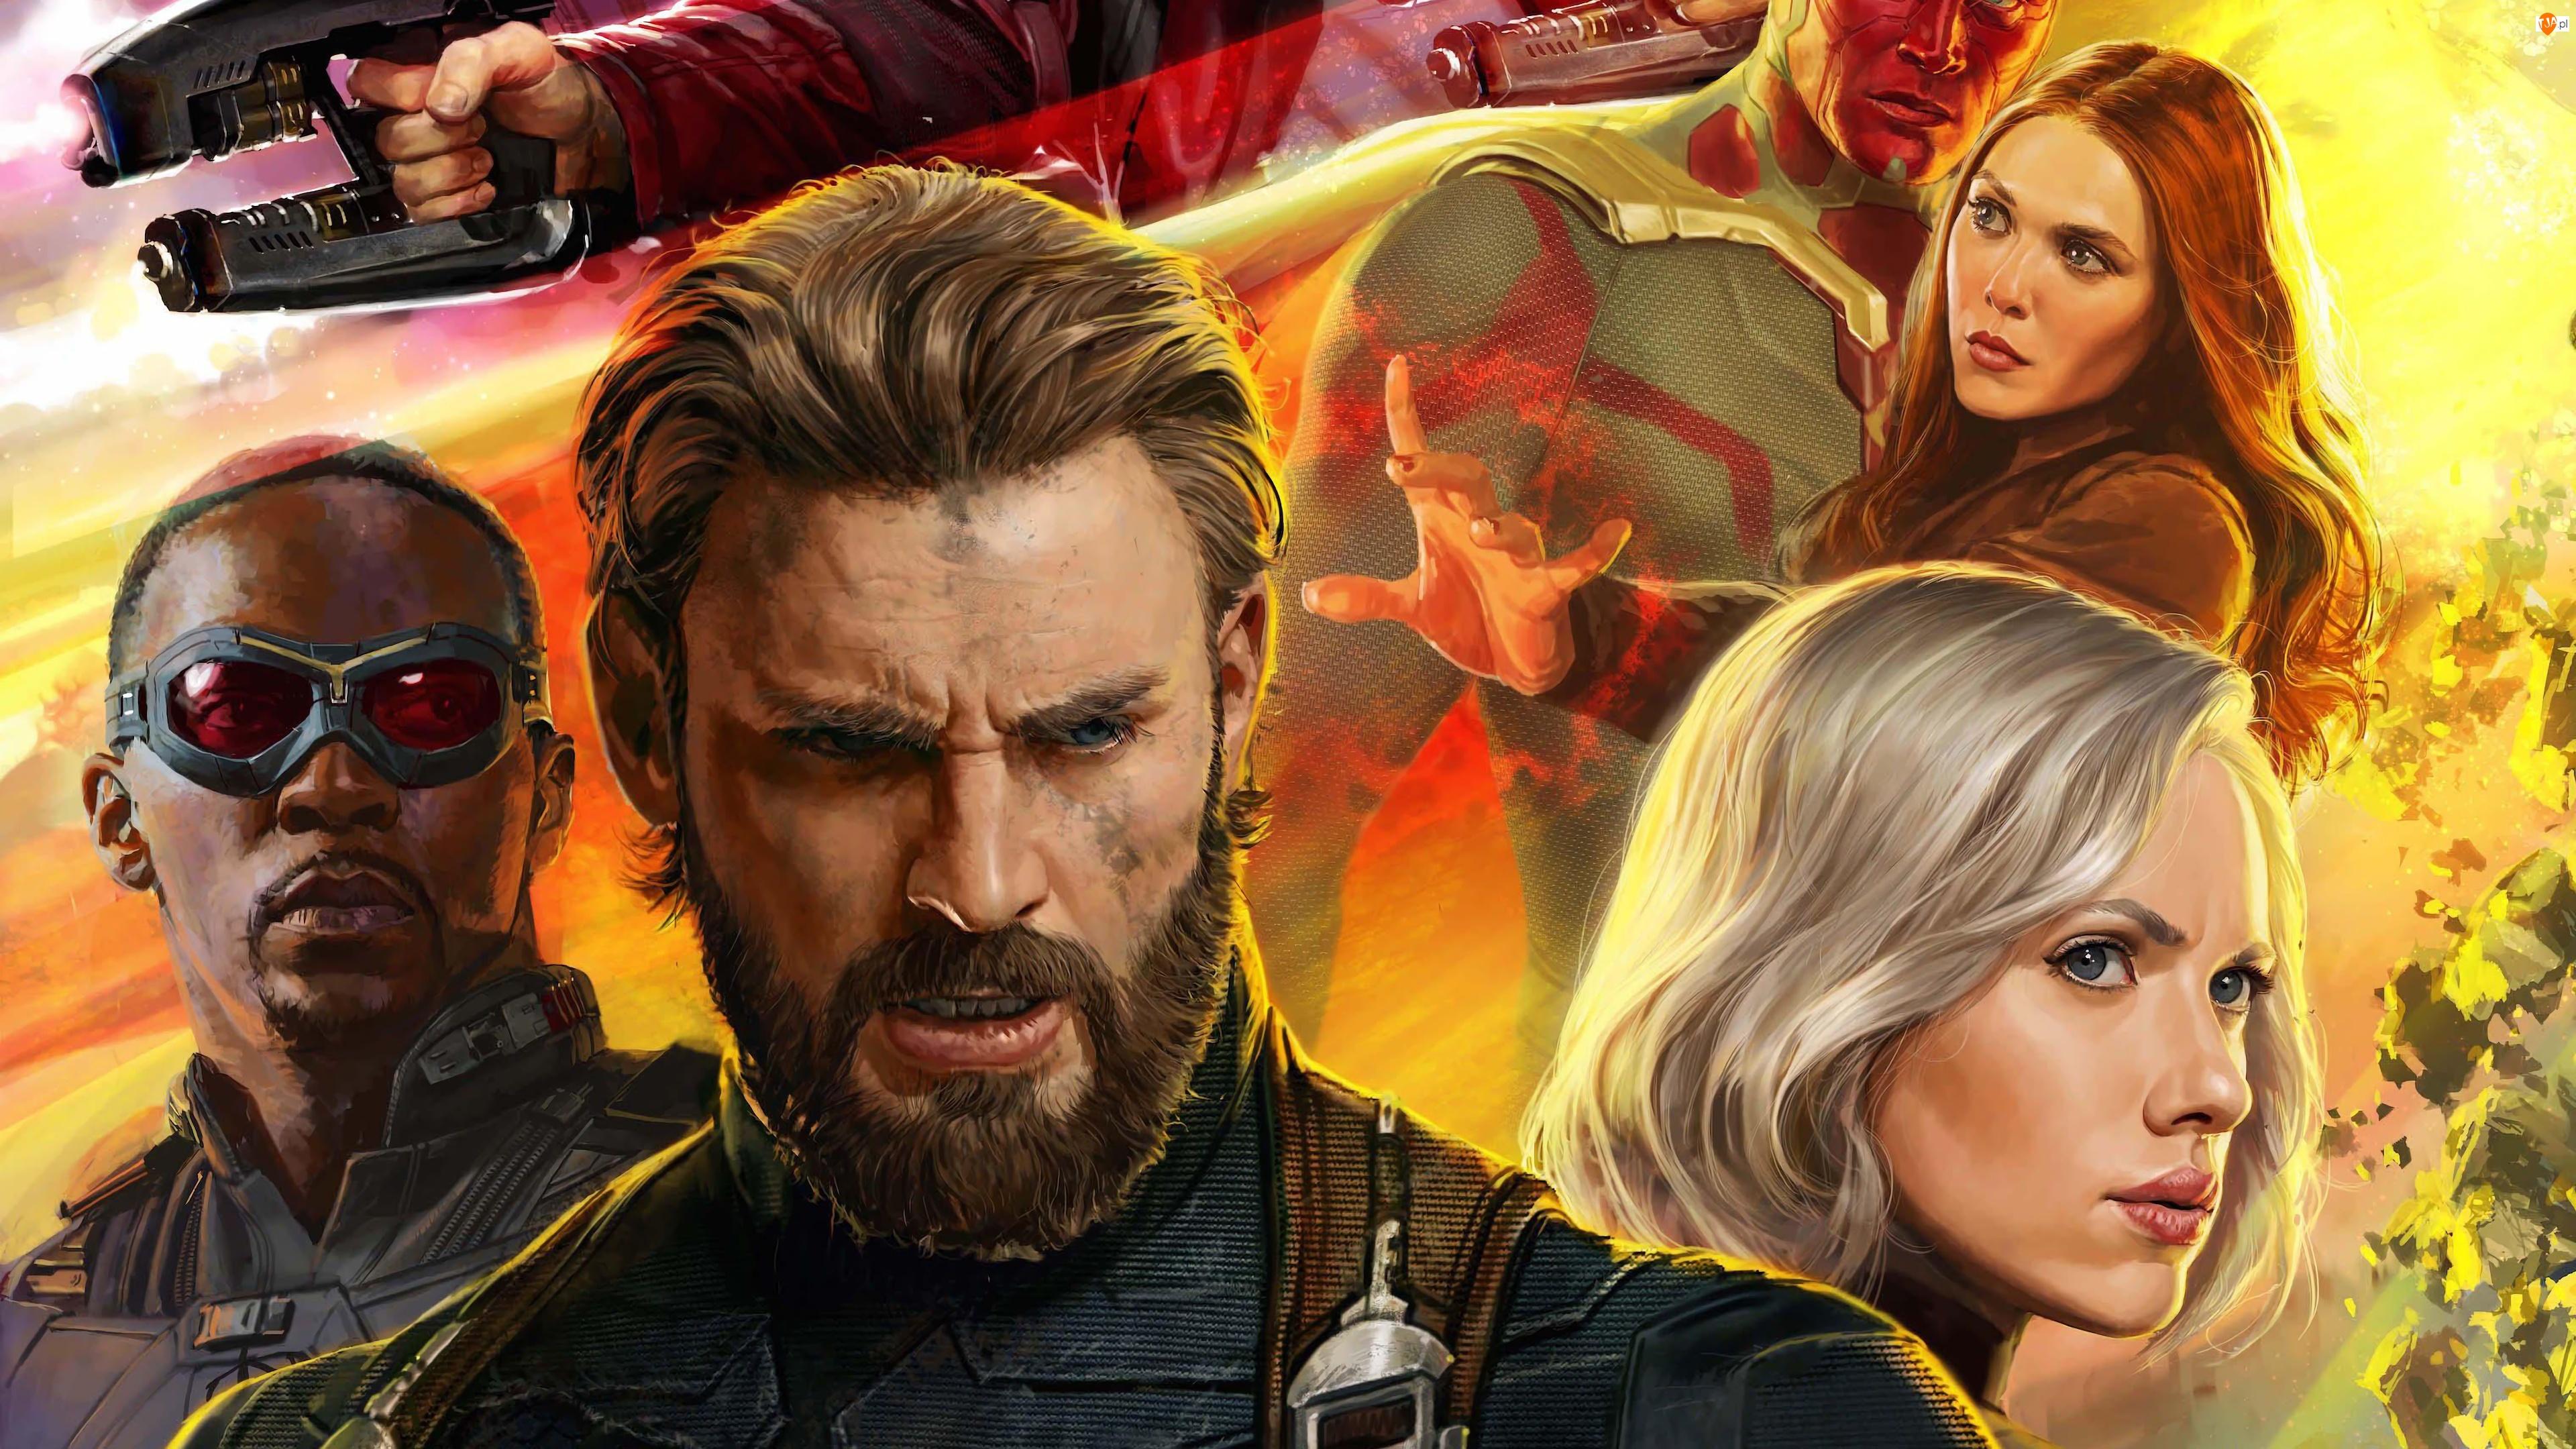 Avengers Wojna bez granic, Avengers Infinity War, Elizabeth Olsen, Film, Scarlett Johansson, Chris Evans, Anthony Mackie